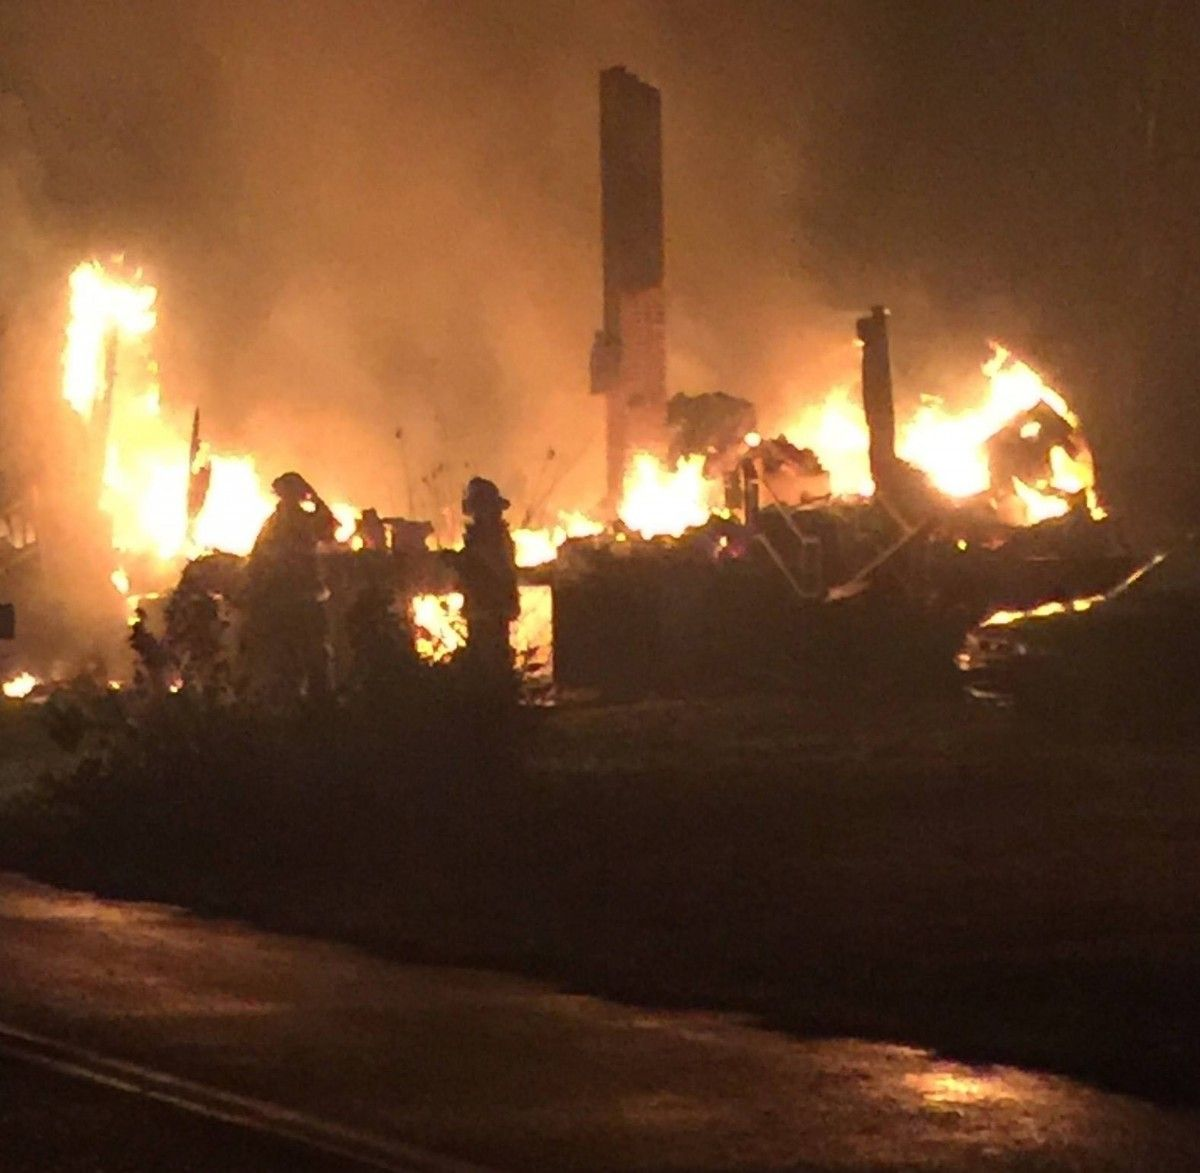 Лісові пожежі в Теннесі / REUTERS